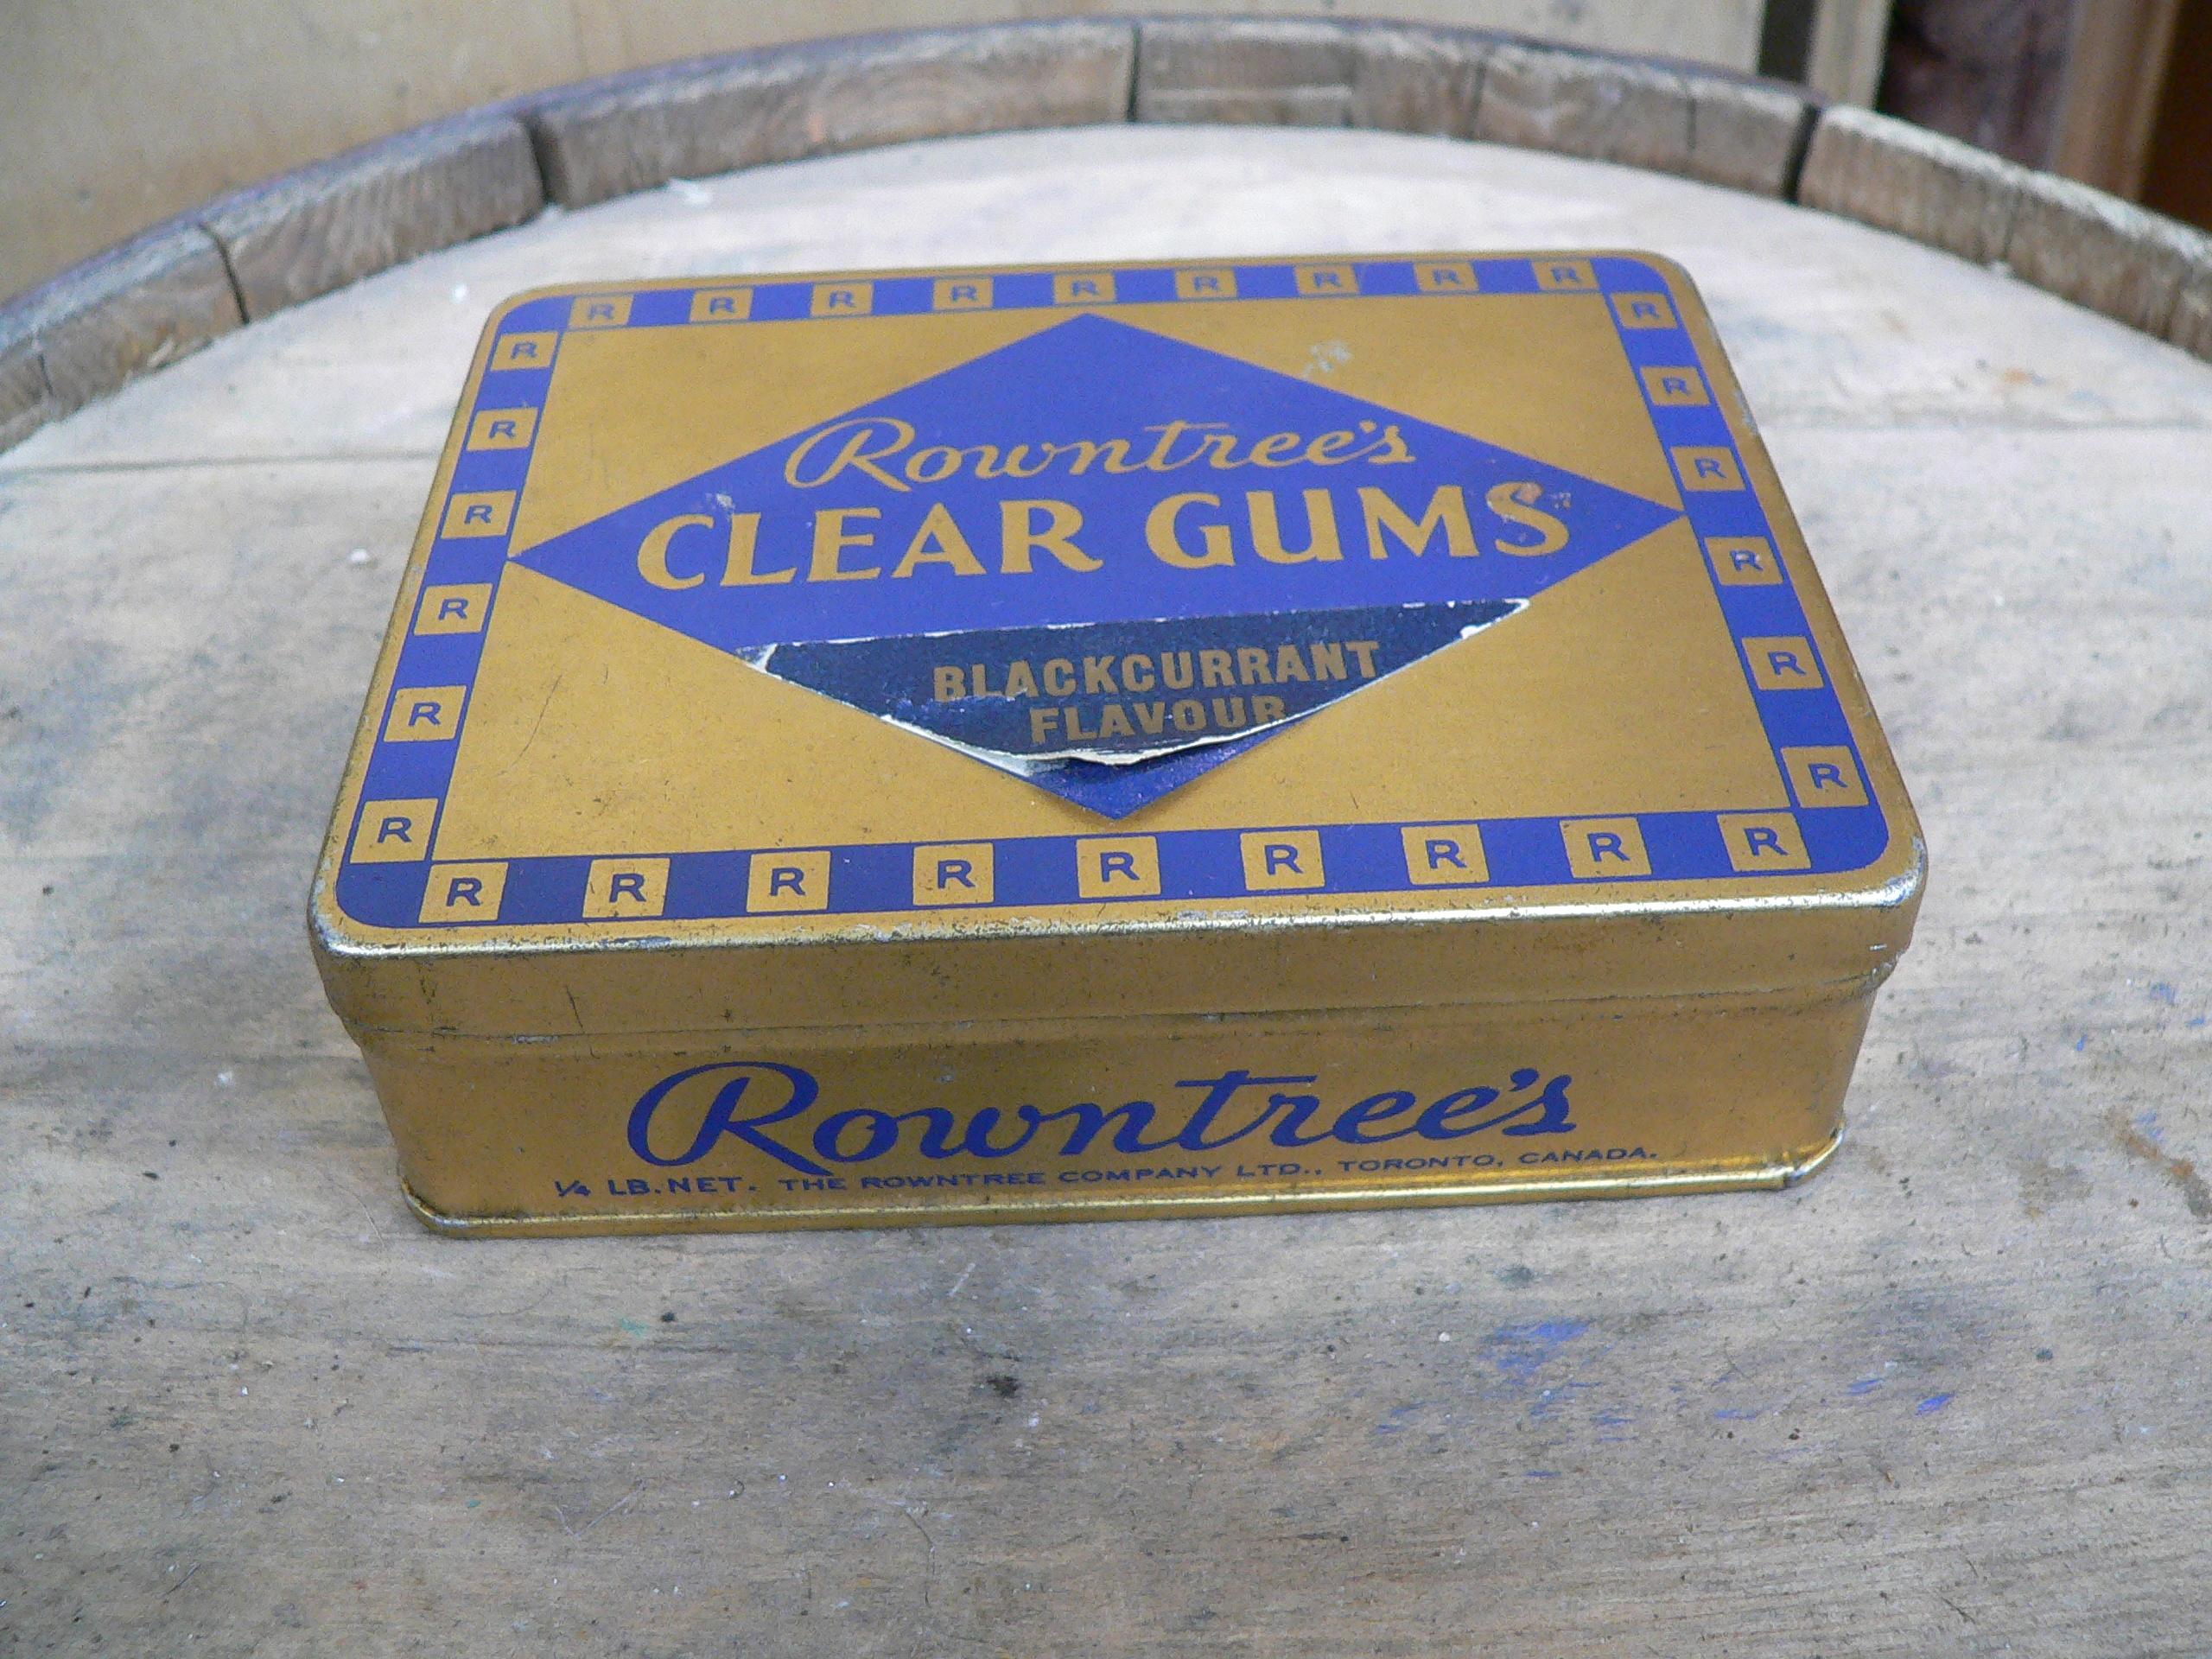 Boite de tôle rountree's clear gums # 5445.11